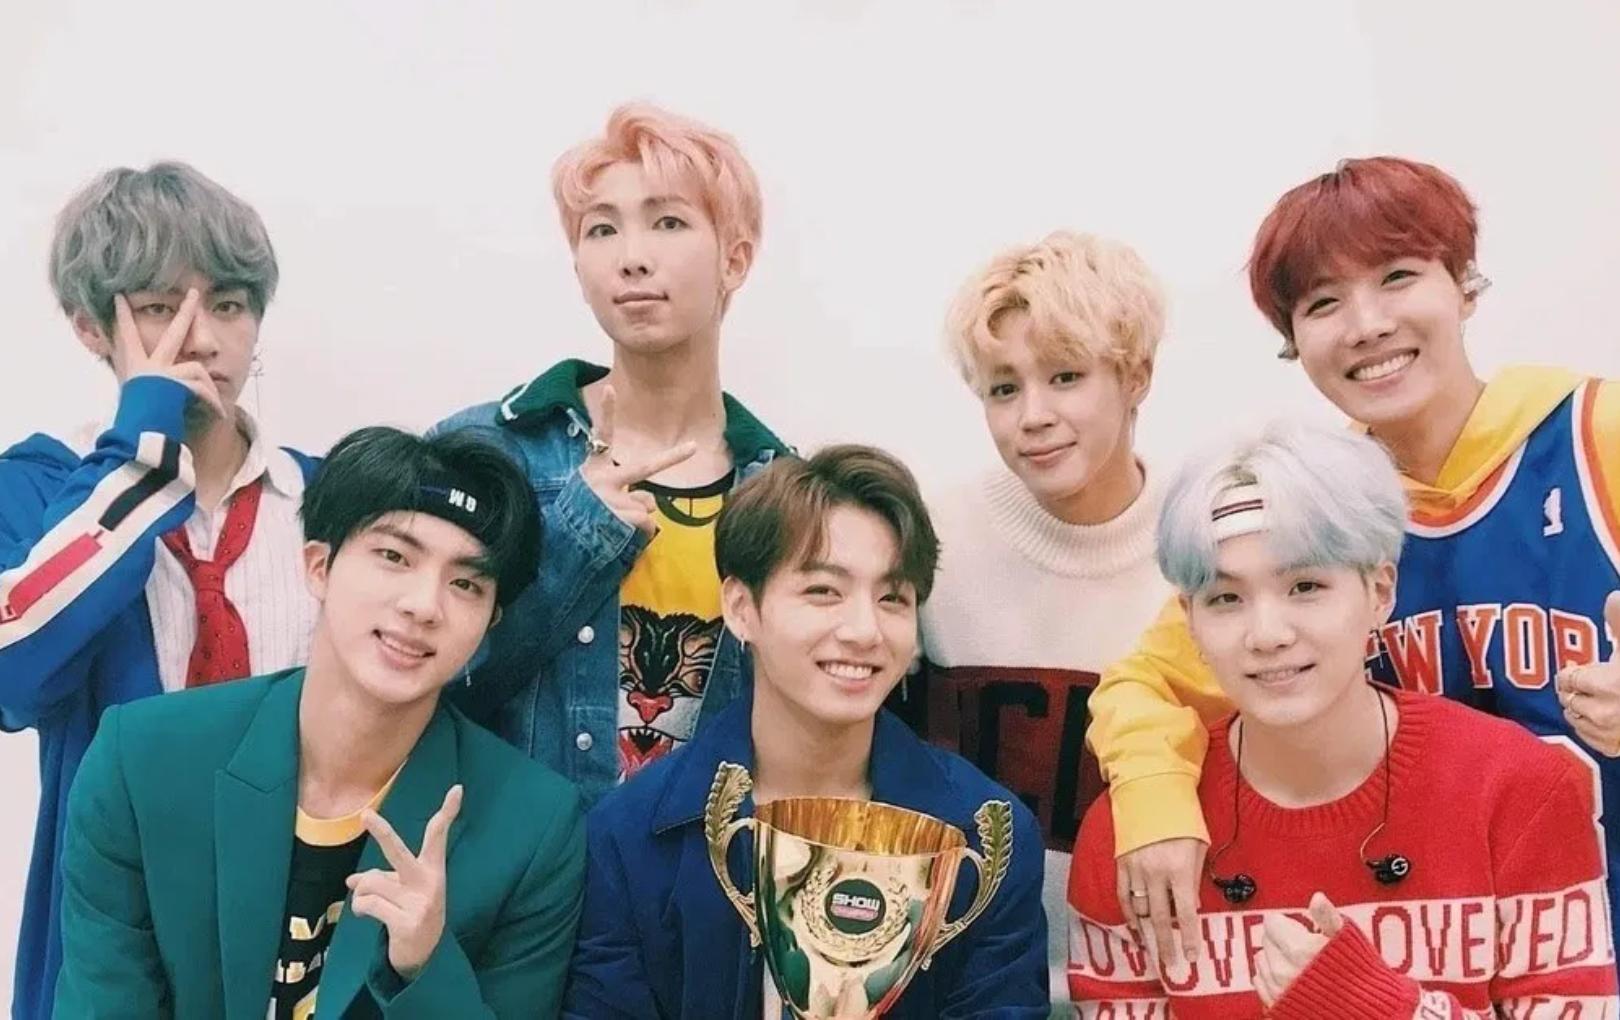 """BTS trở thành boygroup Kpop đầu tiên sở hữu MV 1 tỉ view với """"DNA"""""""